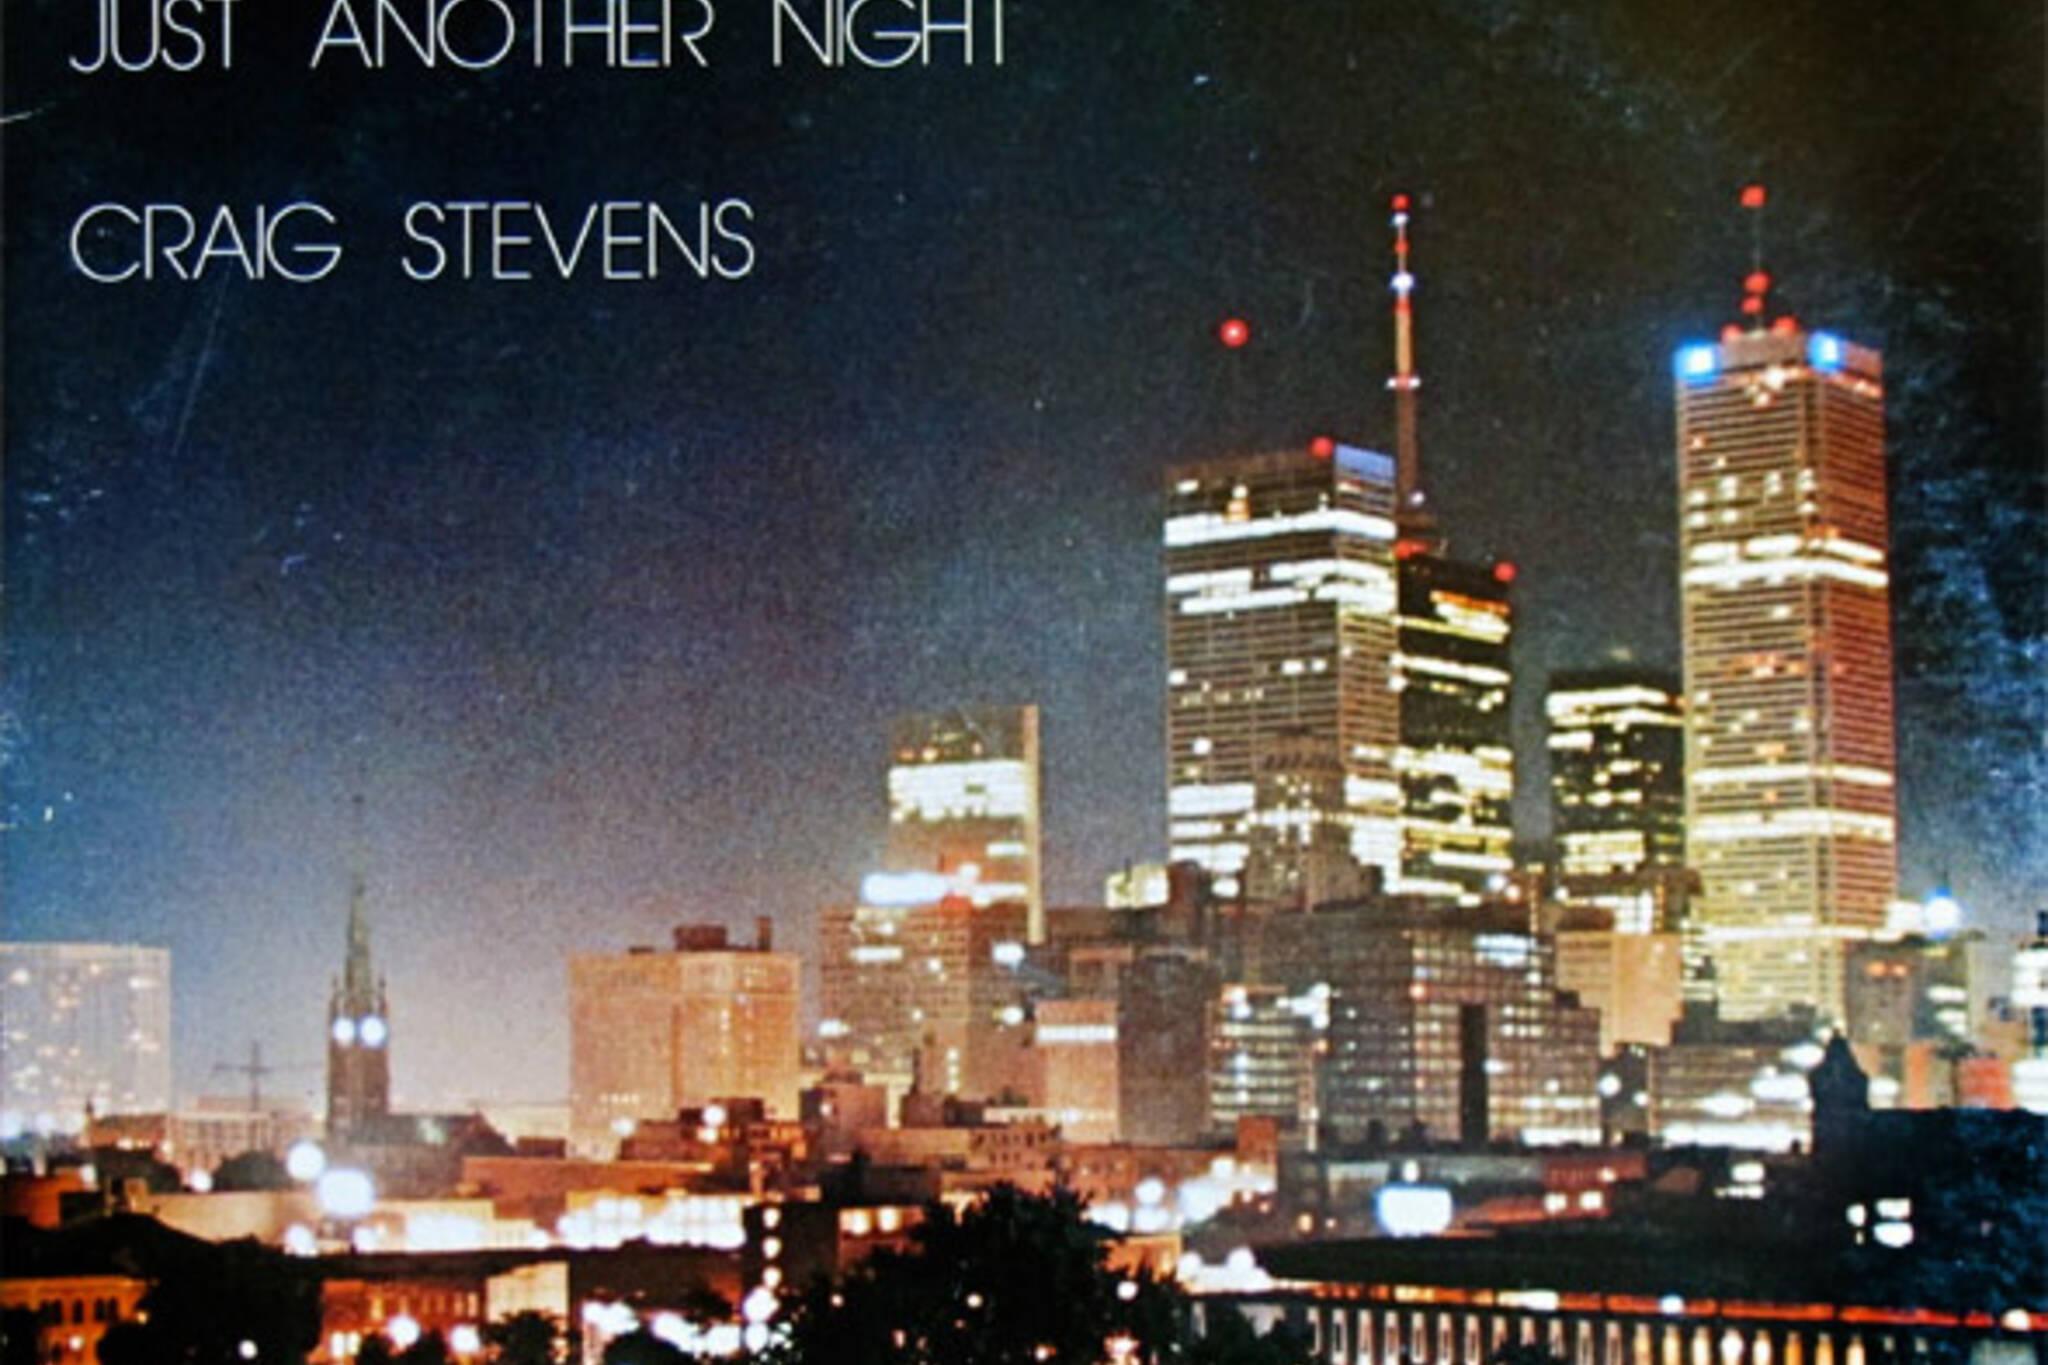 Toronto album covers 1980s